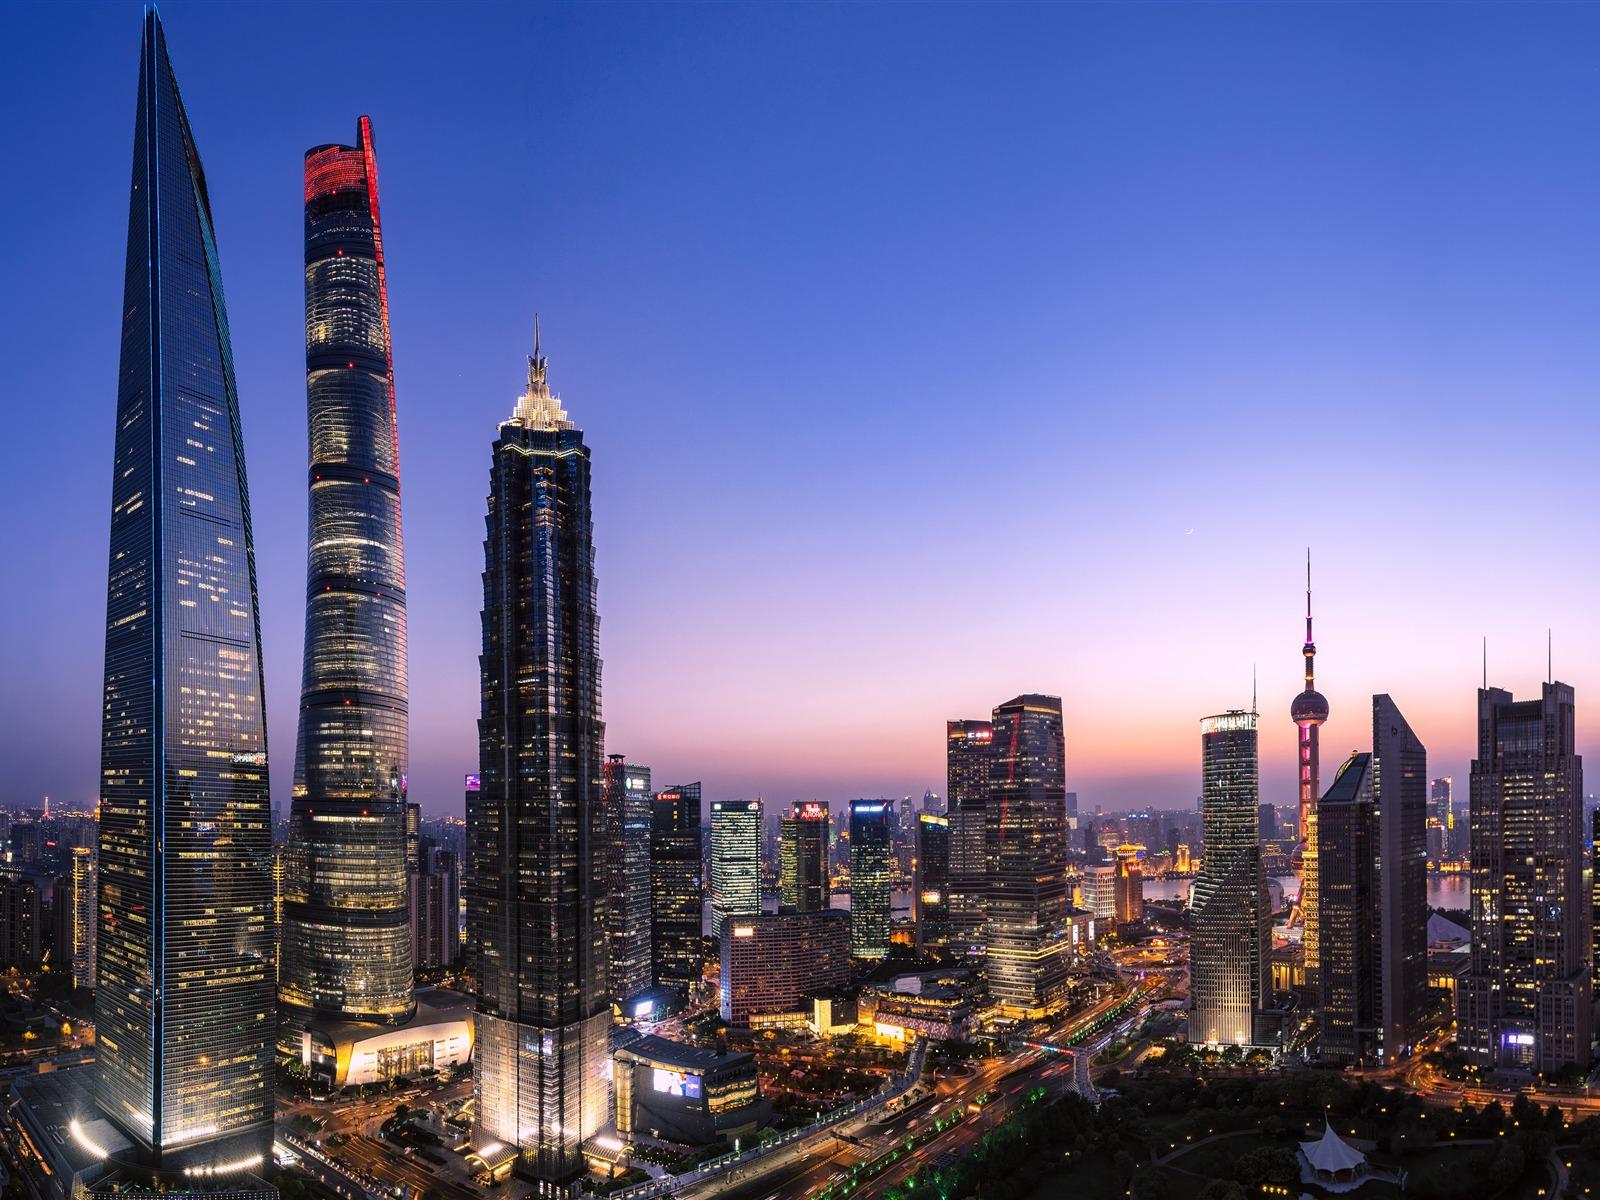 颁奖_上海,陆家嘴,摩天大楼,2020,高质量,桌面预览 | 10wallpaper.com